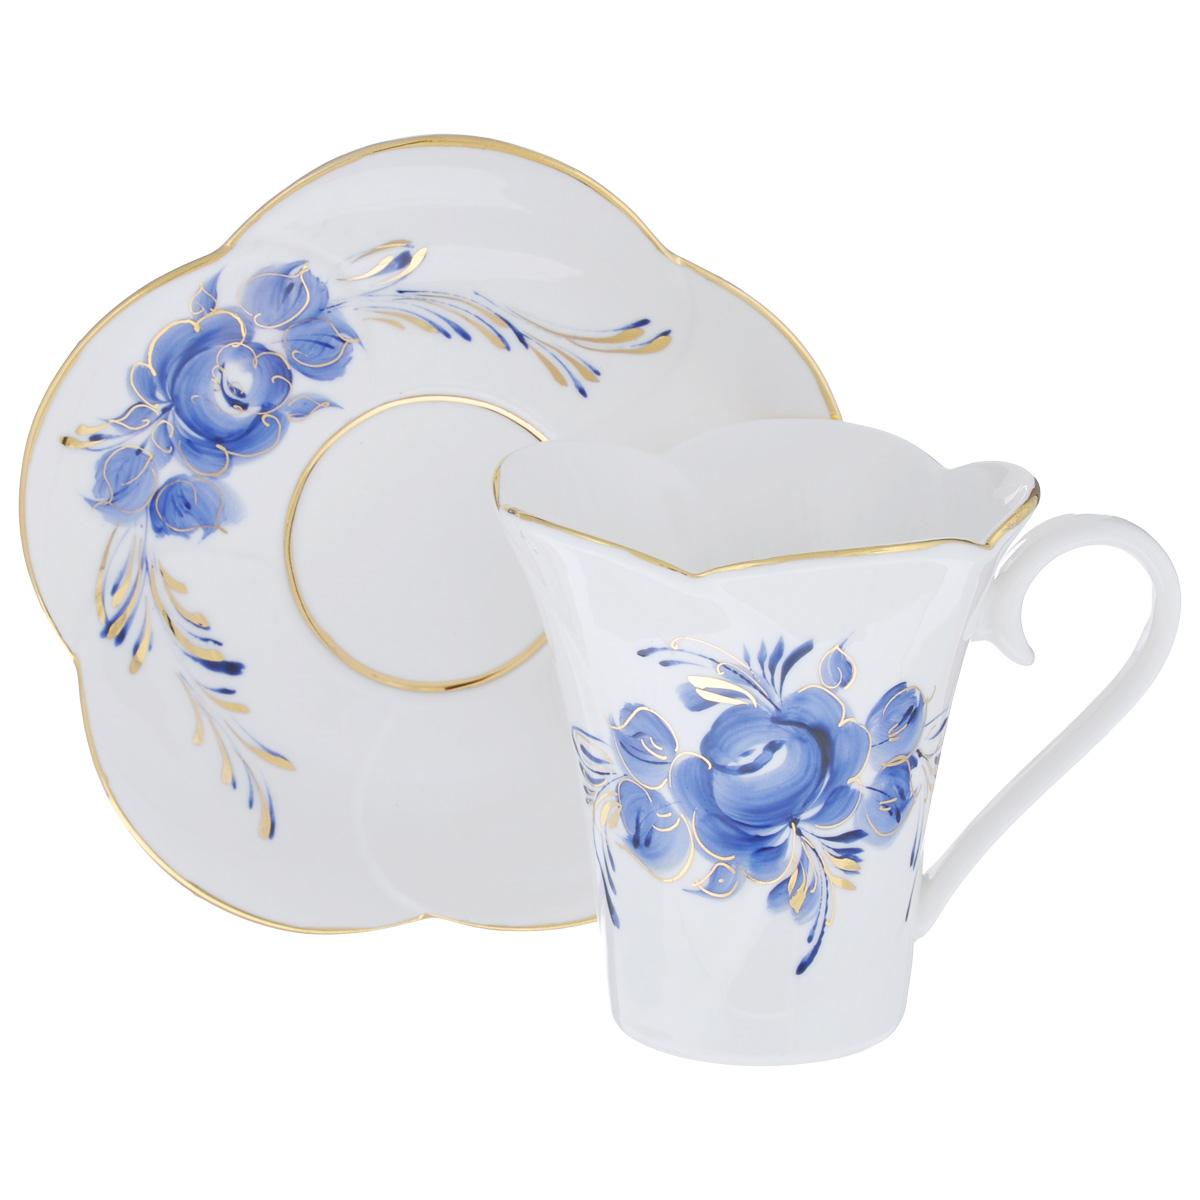 Чайная пара Пион, цвет: белый, синий, золотой, 2 предмета. 99516151054 009312Чайная пара Пион состоит из чашки и блюдца, изготовленных из фарфора белого цвета, и расписаны вручную. Яркий дизайн, несомненно, придется вам по вкусу.Чайная пара Пион украсит ваш кухонный стол, а также станет замечательным подарком к любому празднику.Не применять абразивные чистящие средства. Не использовать в микроволновой печи. Мыть с применением нейтральных моющих средств. Не рекомендуется использовать в посудомоечных машинах.Объем чашки: 200 мл.Диаметр чашки по верхнему краю: 8,5 см.Диаметр основания: 4,5 см.Высота чашки: 9 см.Диаметр блюдца: 14 см.